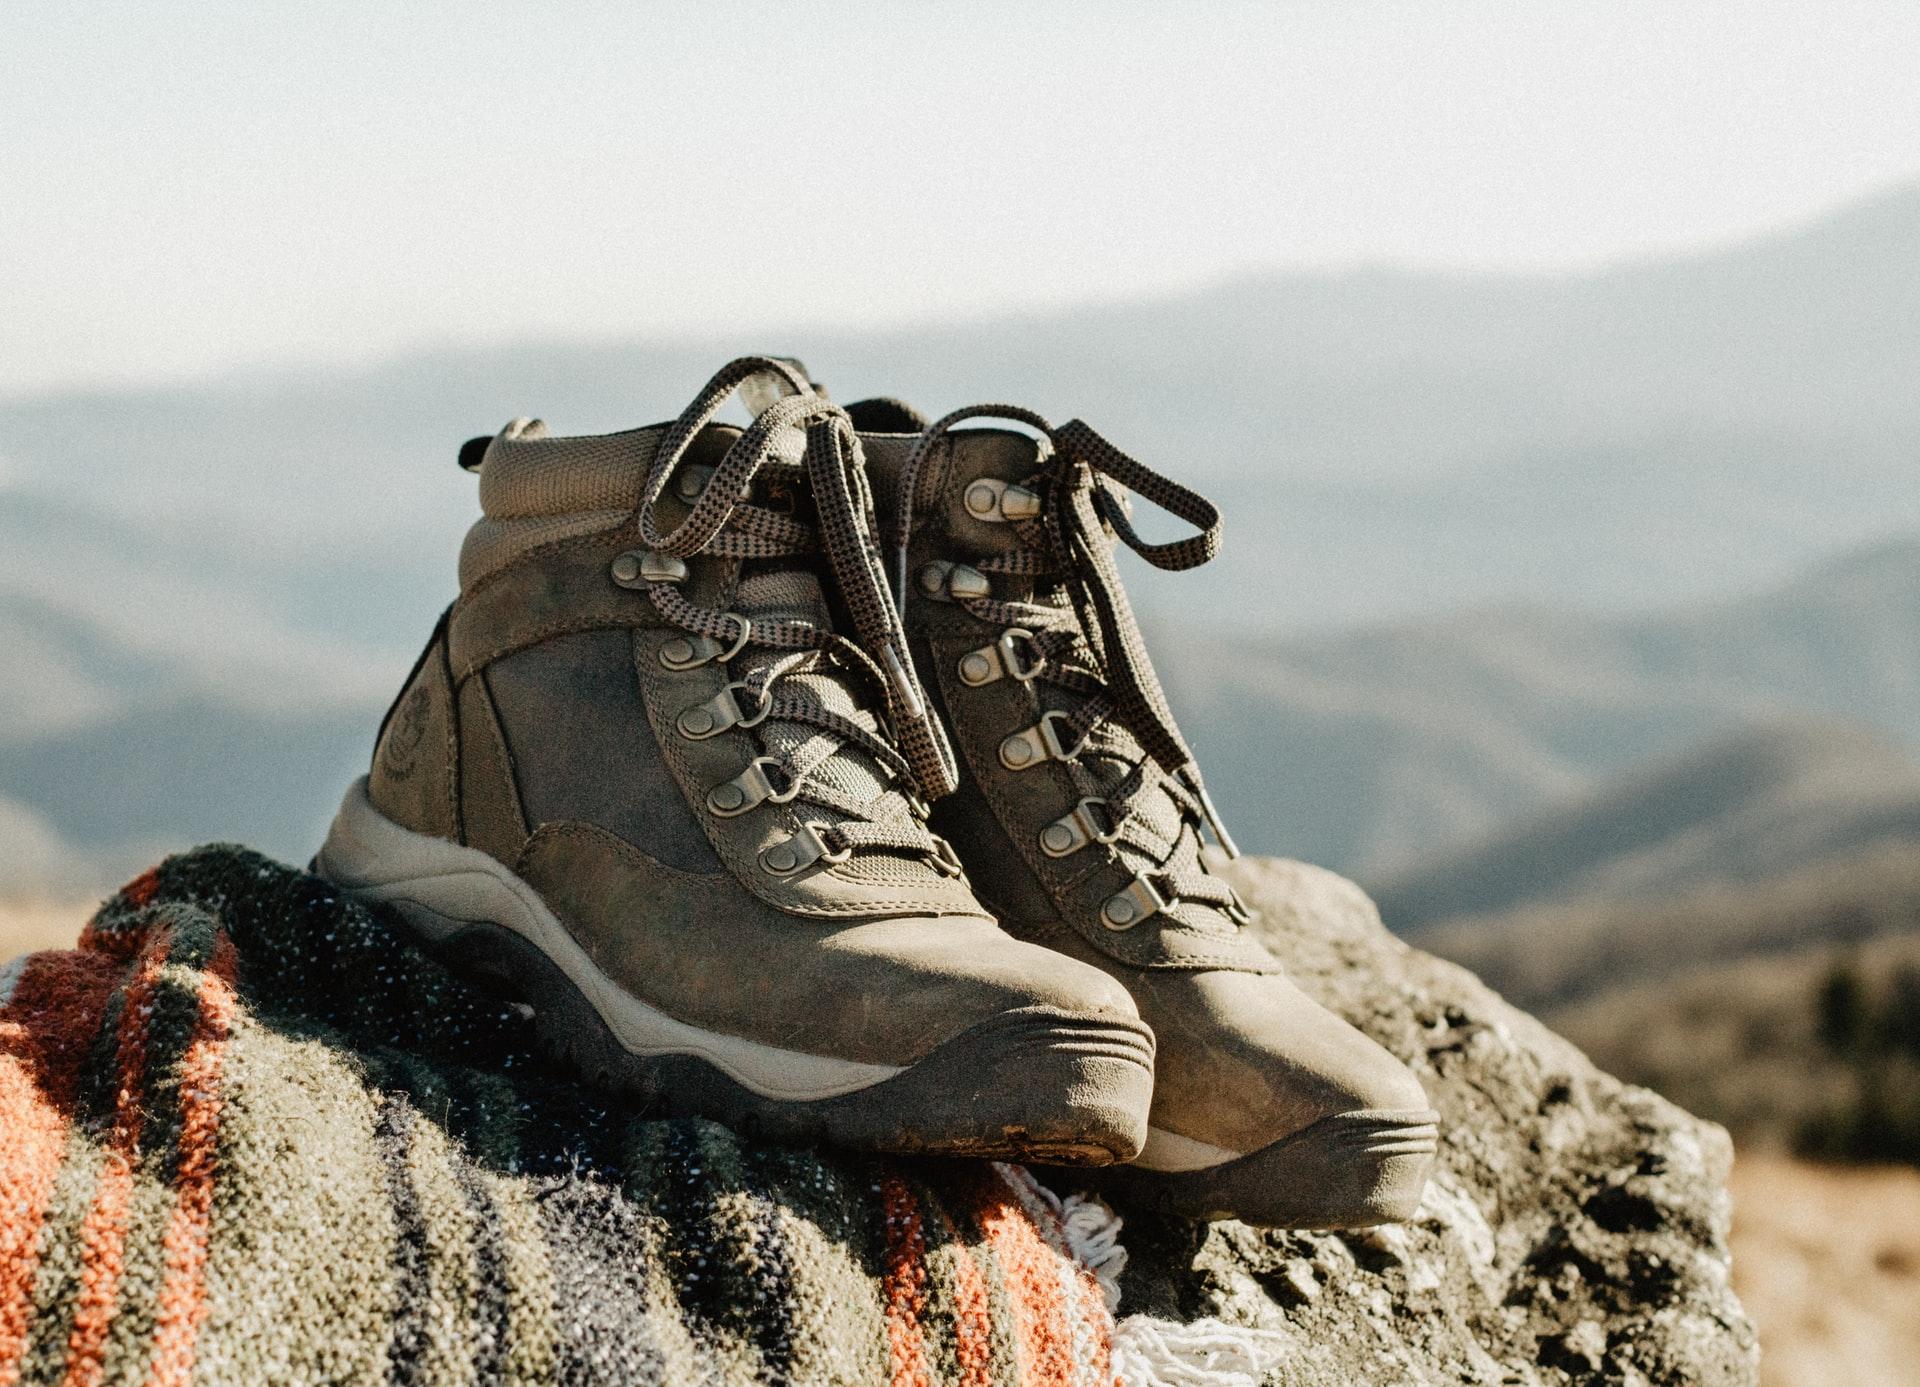 Botas sobre la roca